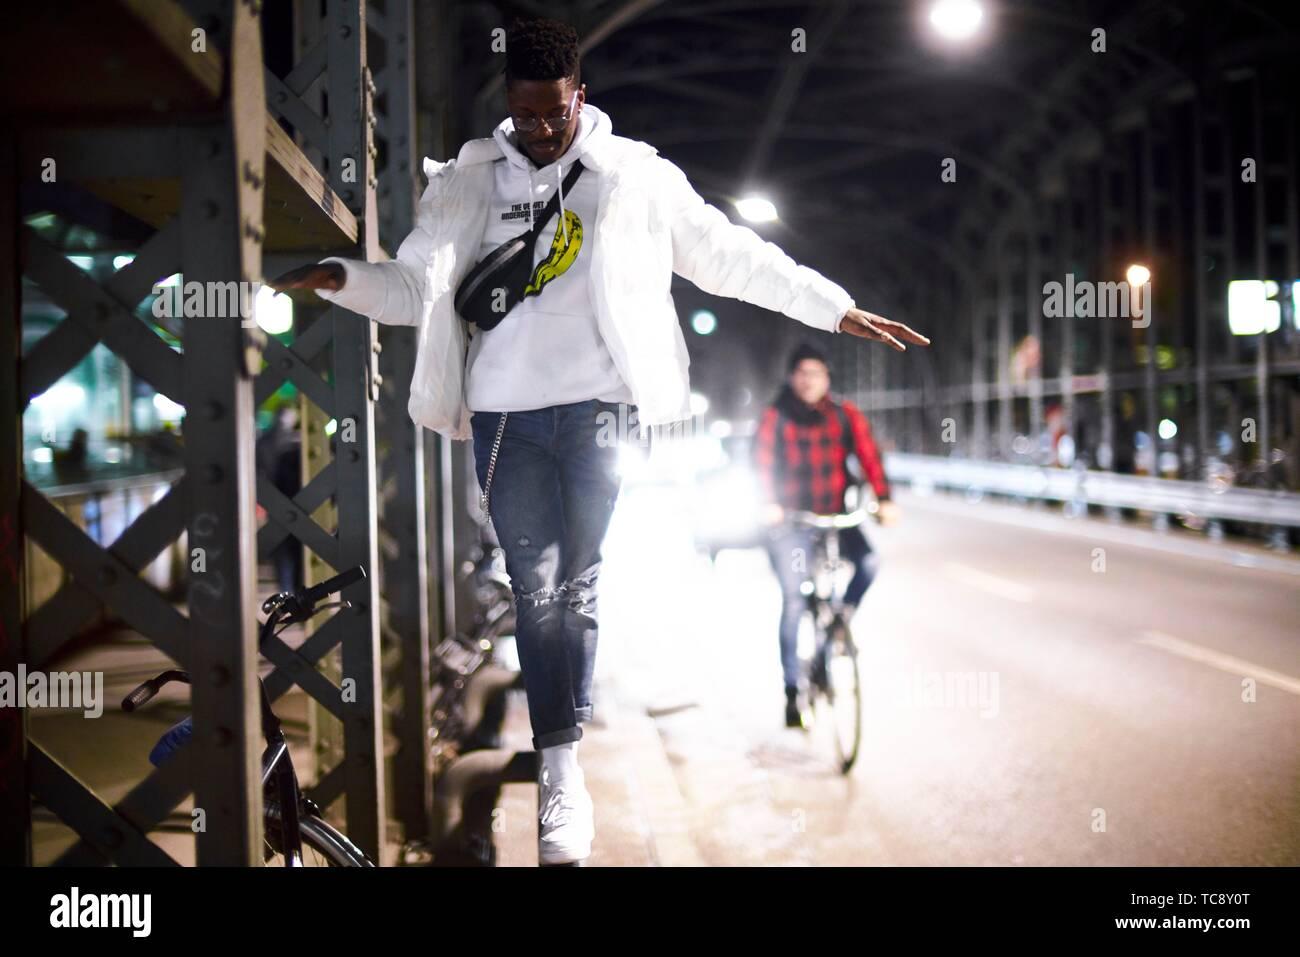 Joven equilibrio sobre construcción de puente de metal, Hacker Haccurbrücke bridge, en la noche en la ciudad, junto a la calle, conductor de bicicletas, en Munich, Alemania. Foto de stock